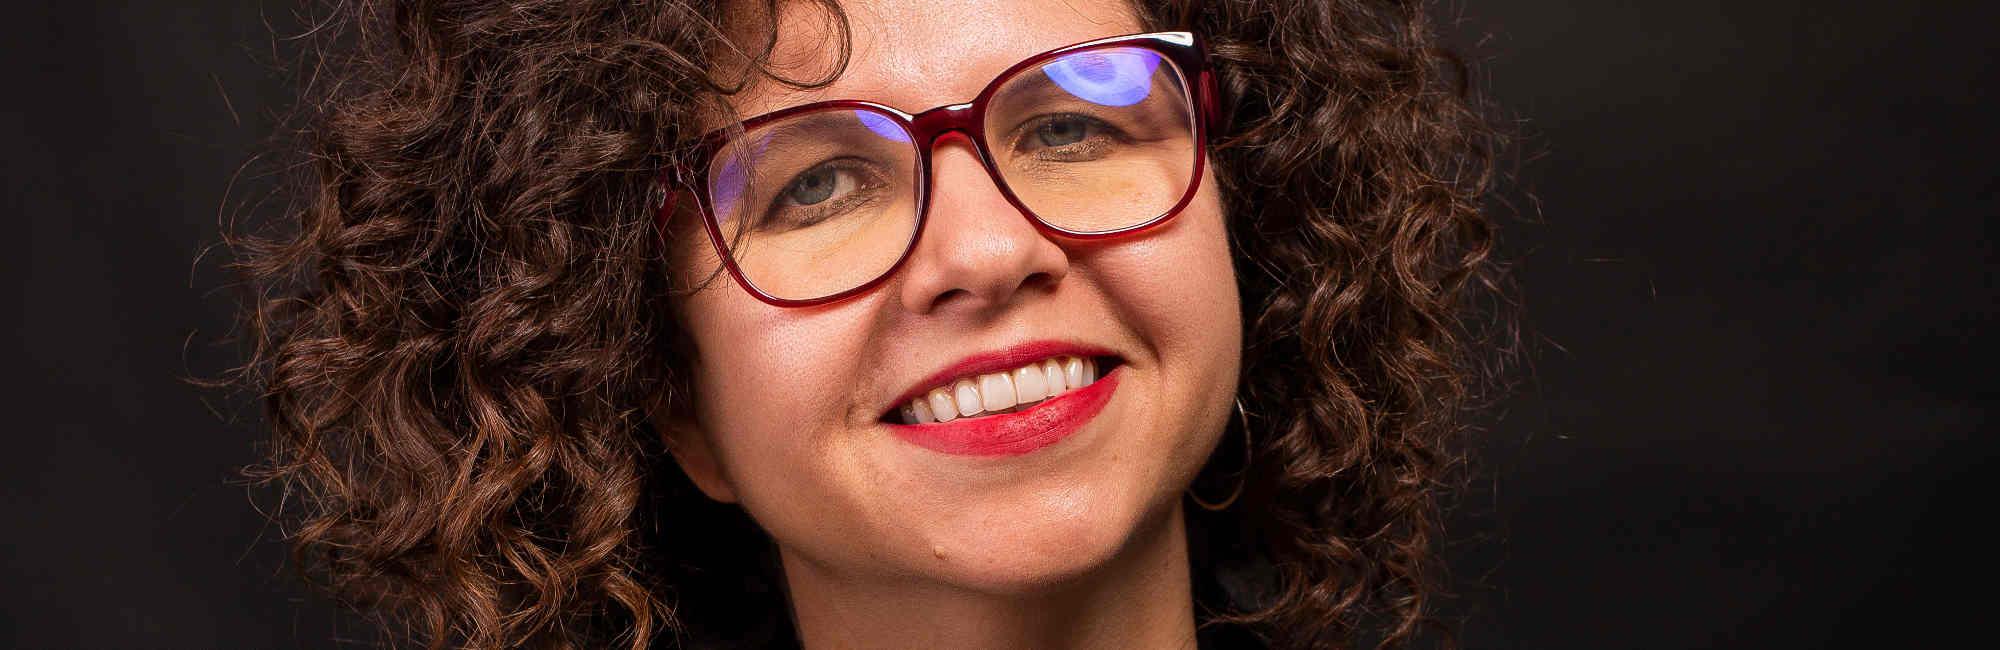 Com músicas inéditas, Roberta Campos realiza show em prol da causa dos refugiados